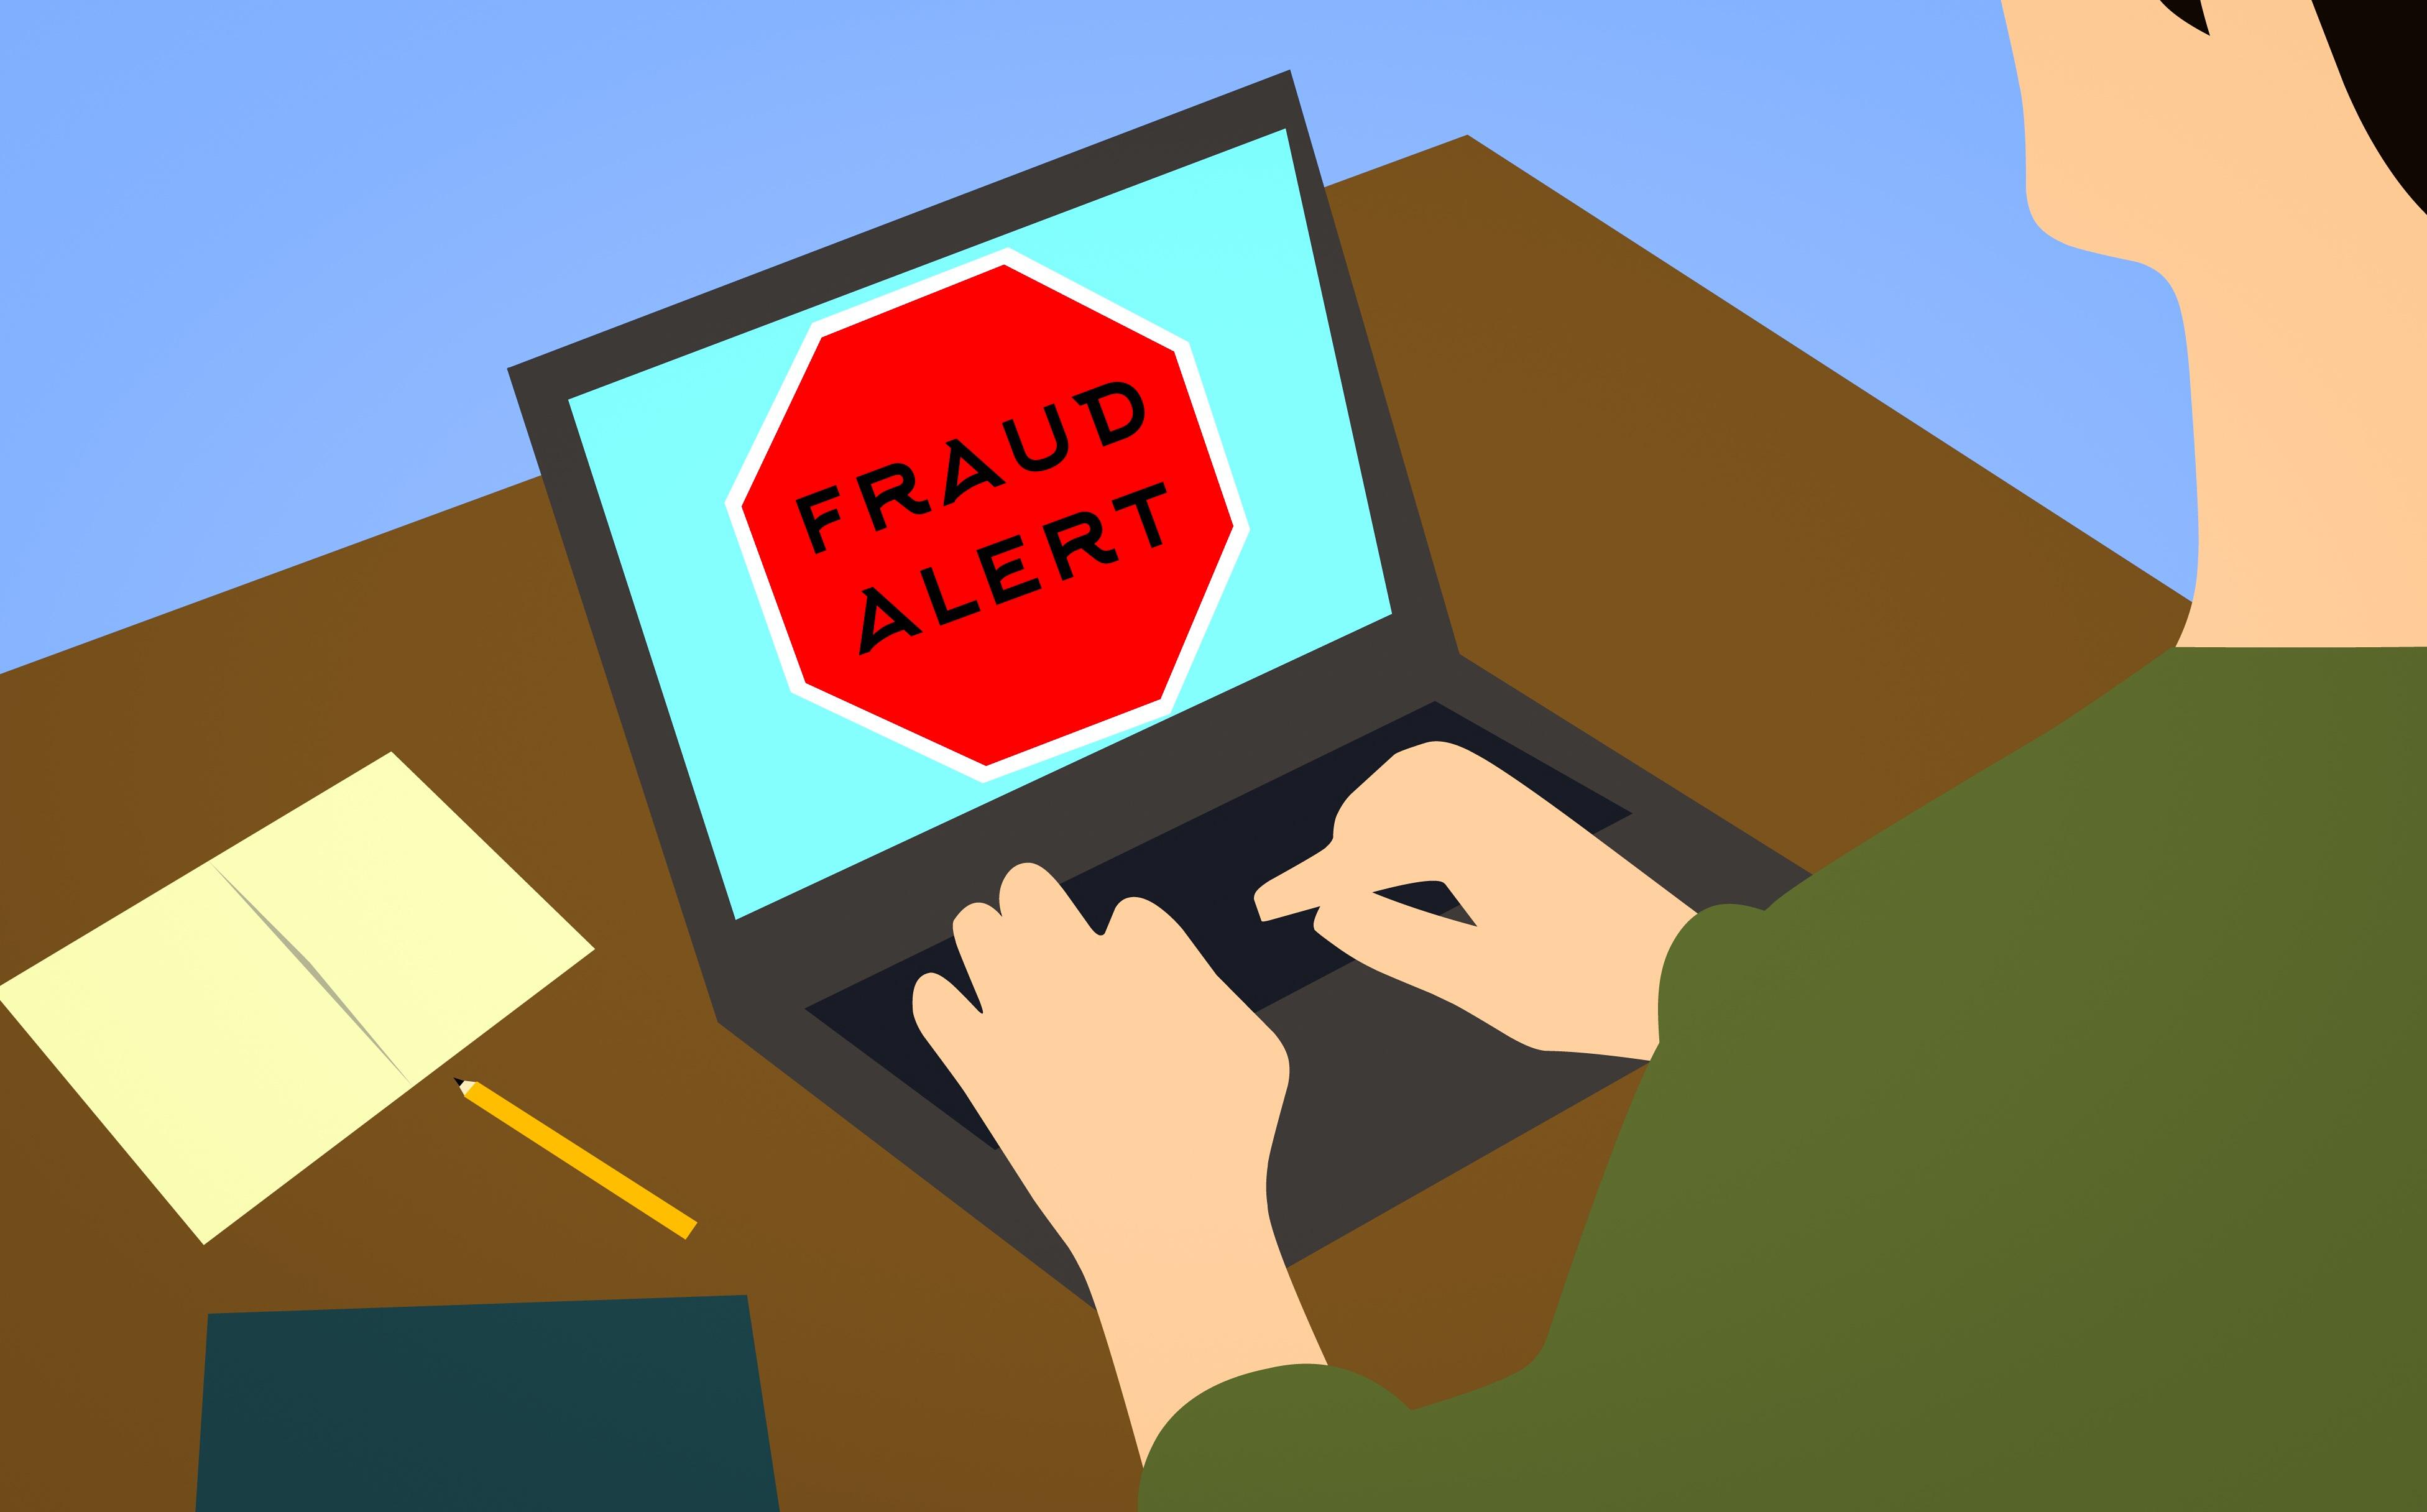 02037908802 HMRC Scam Calls  Beware